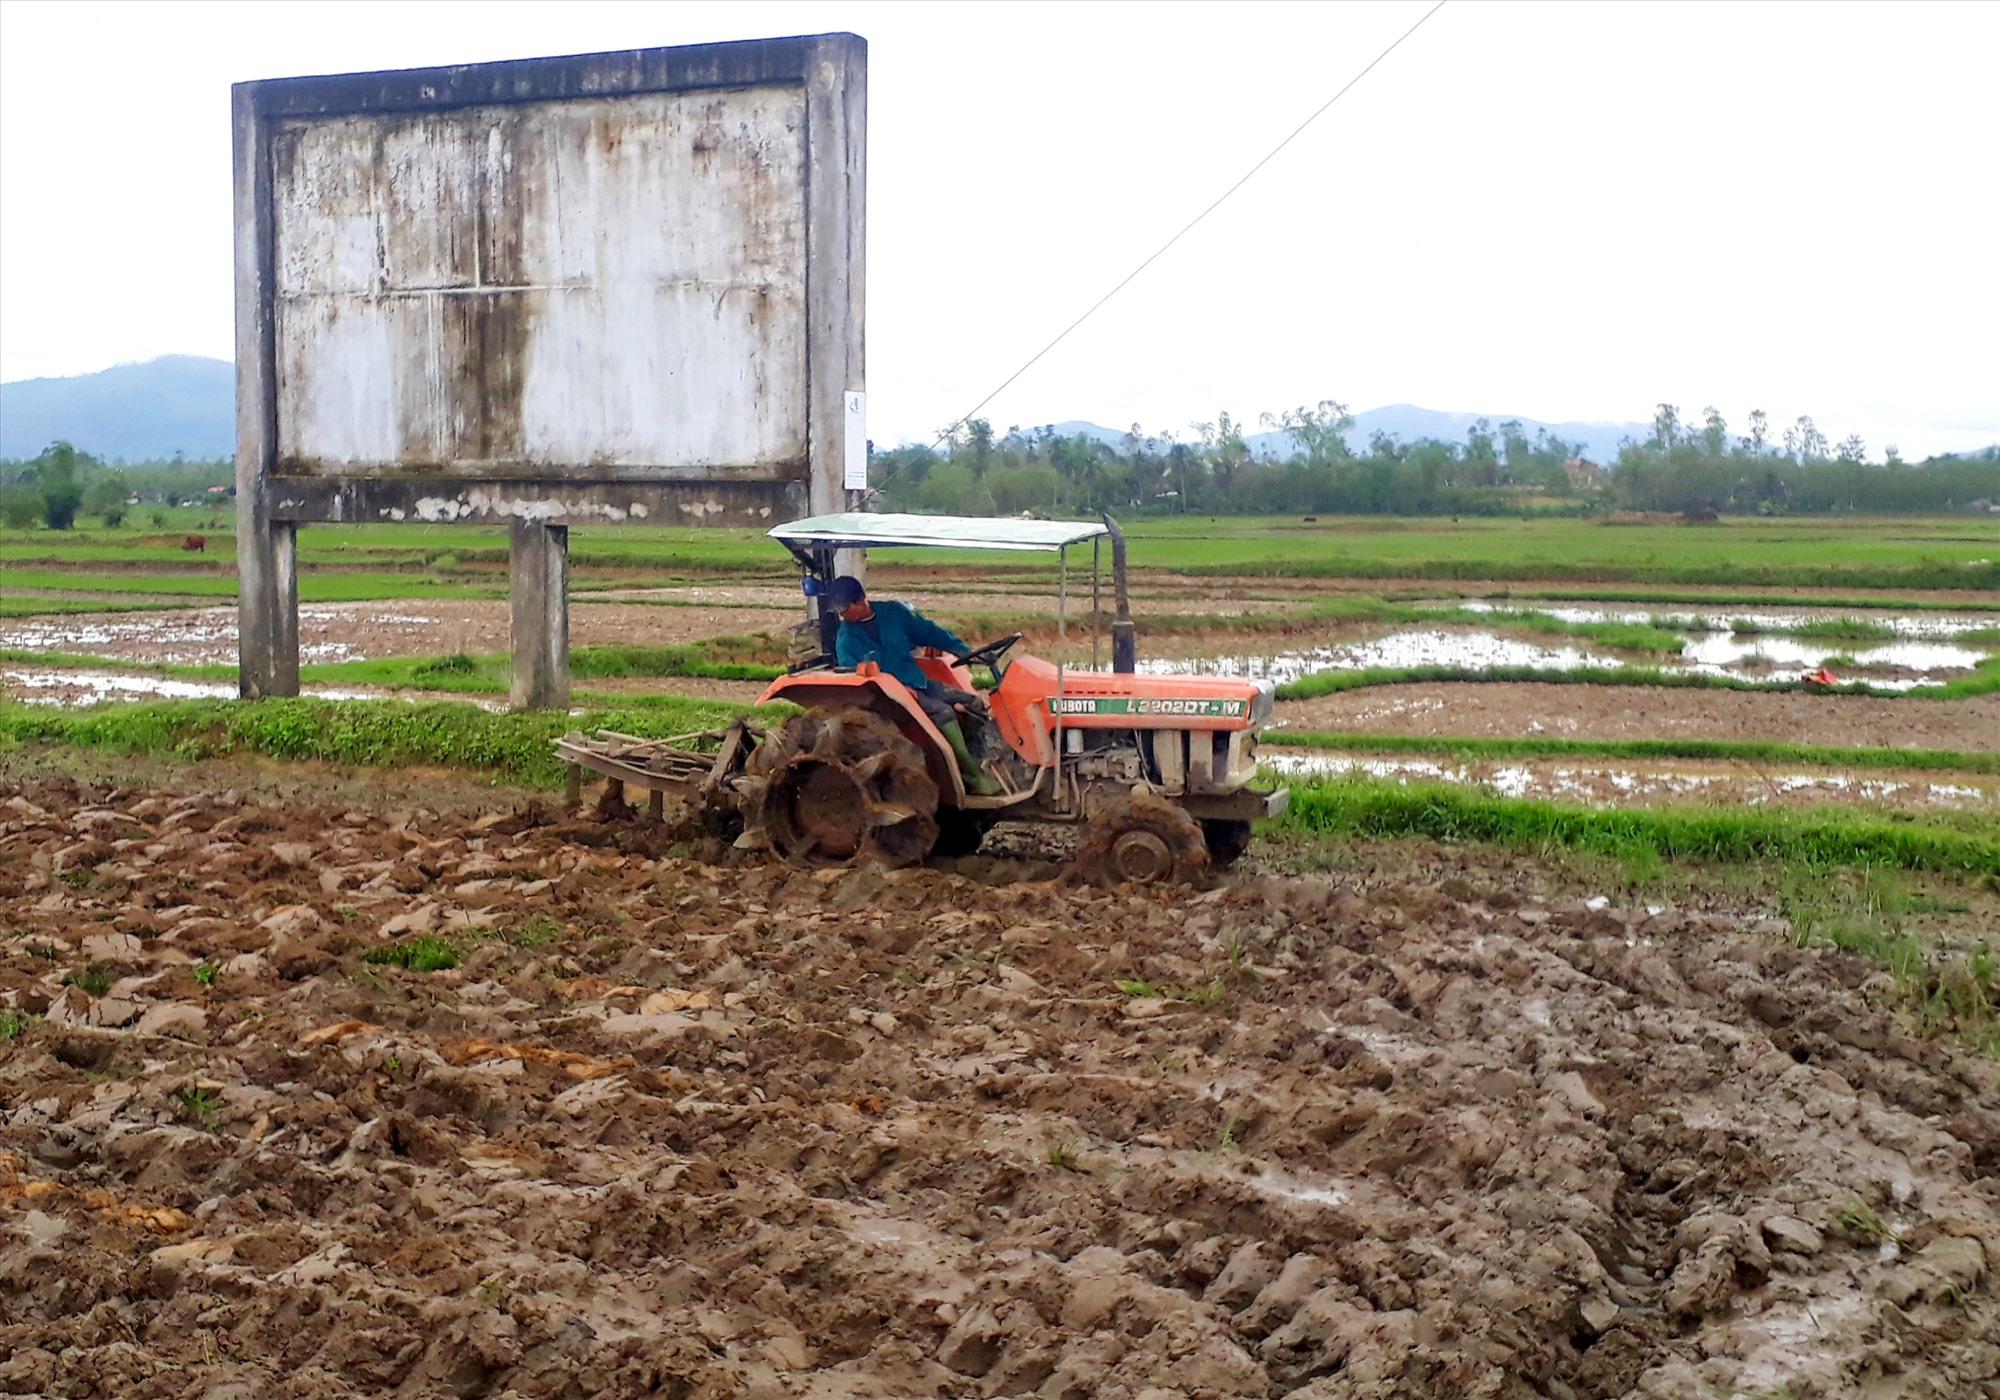 Những ngày qua, nông dân trên địa bàn tỉnh khẩn trương làm đất để triển khai gieo sạ vụ đông xuân 2020 - 2021. Ảnh: VĂN SỰ